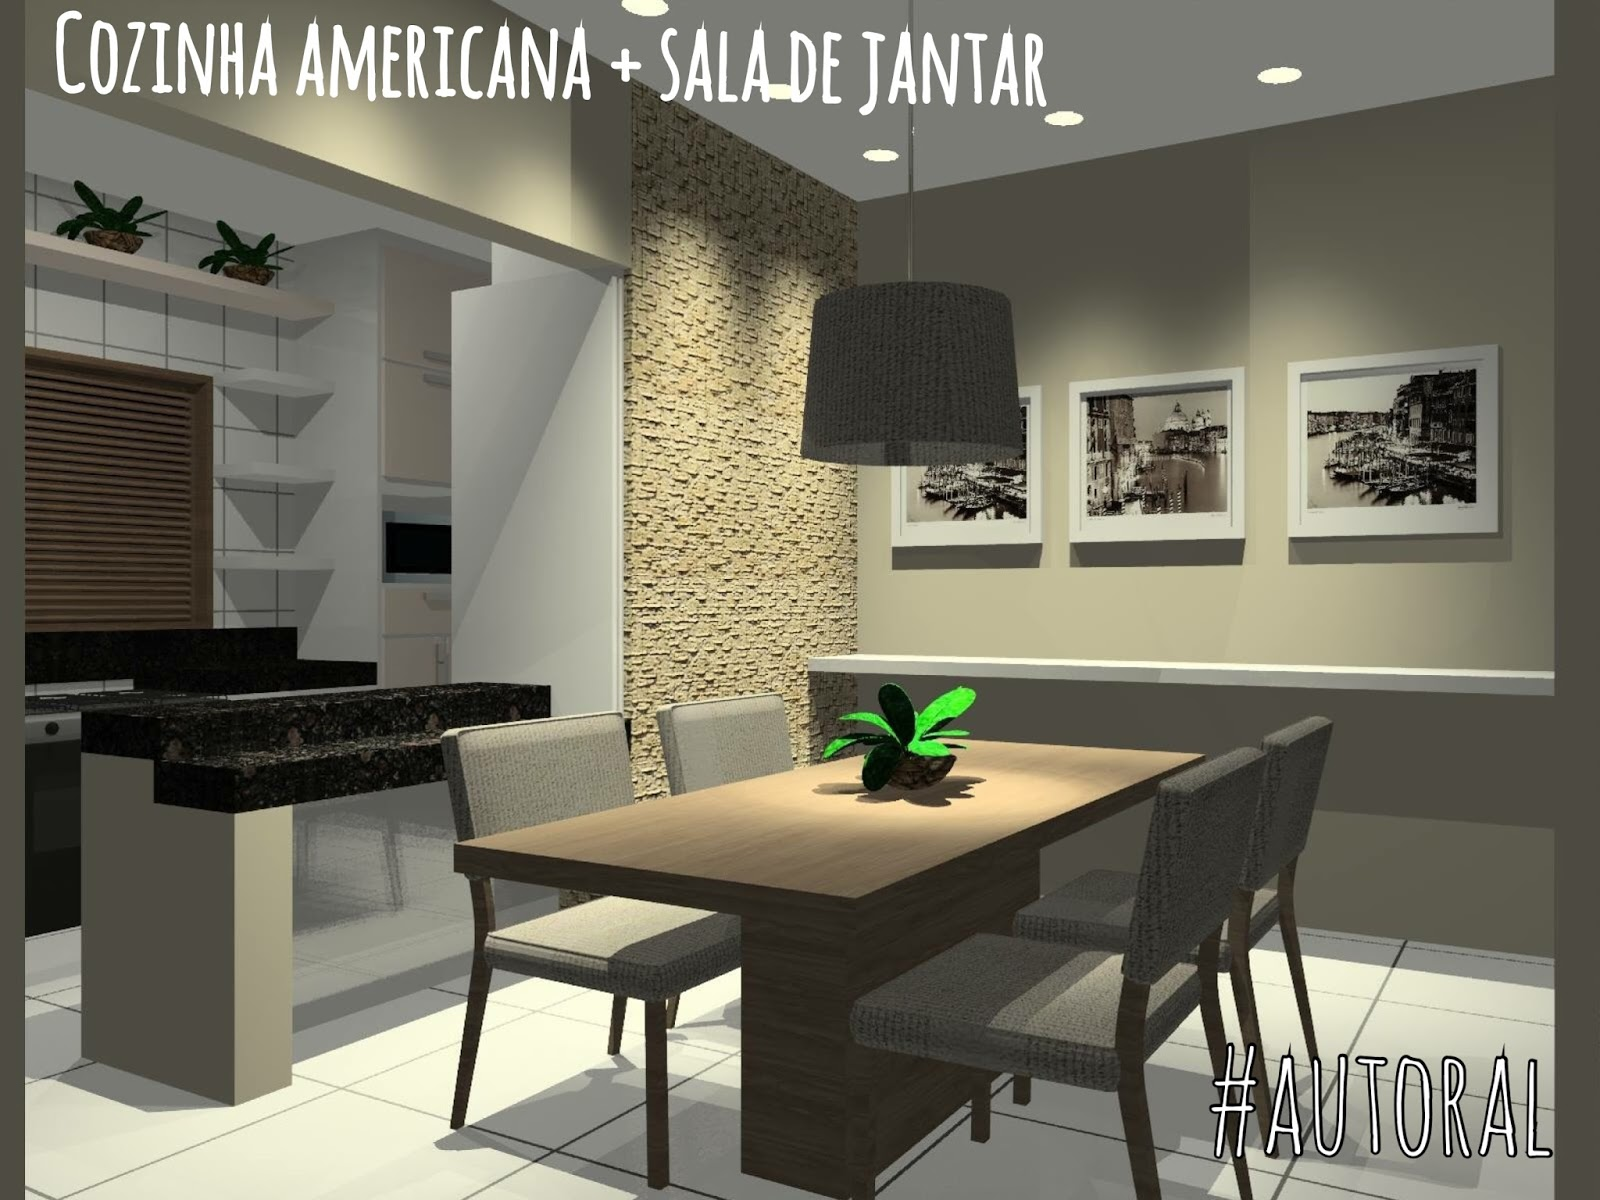 Cozinhas Americanas Com Sala De Jantar Cozinha Cozinha Americana